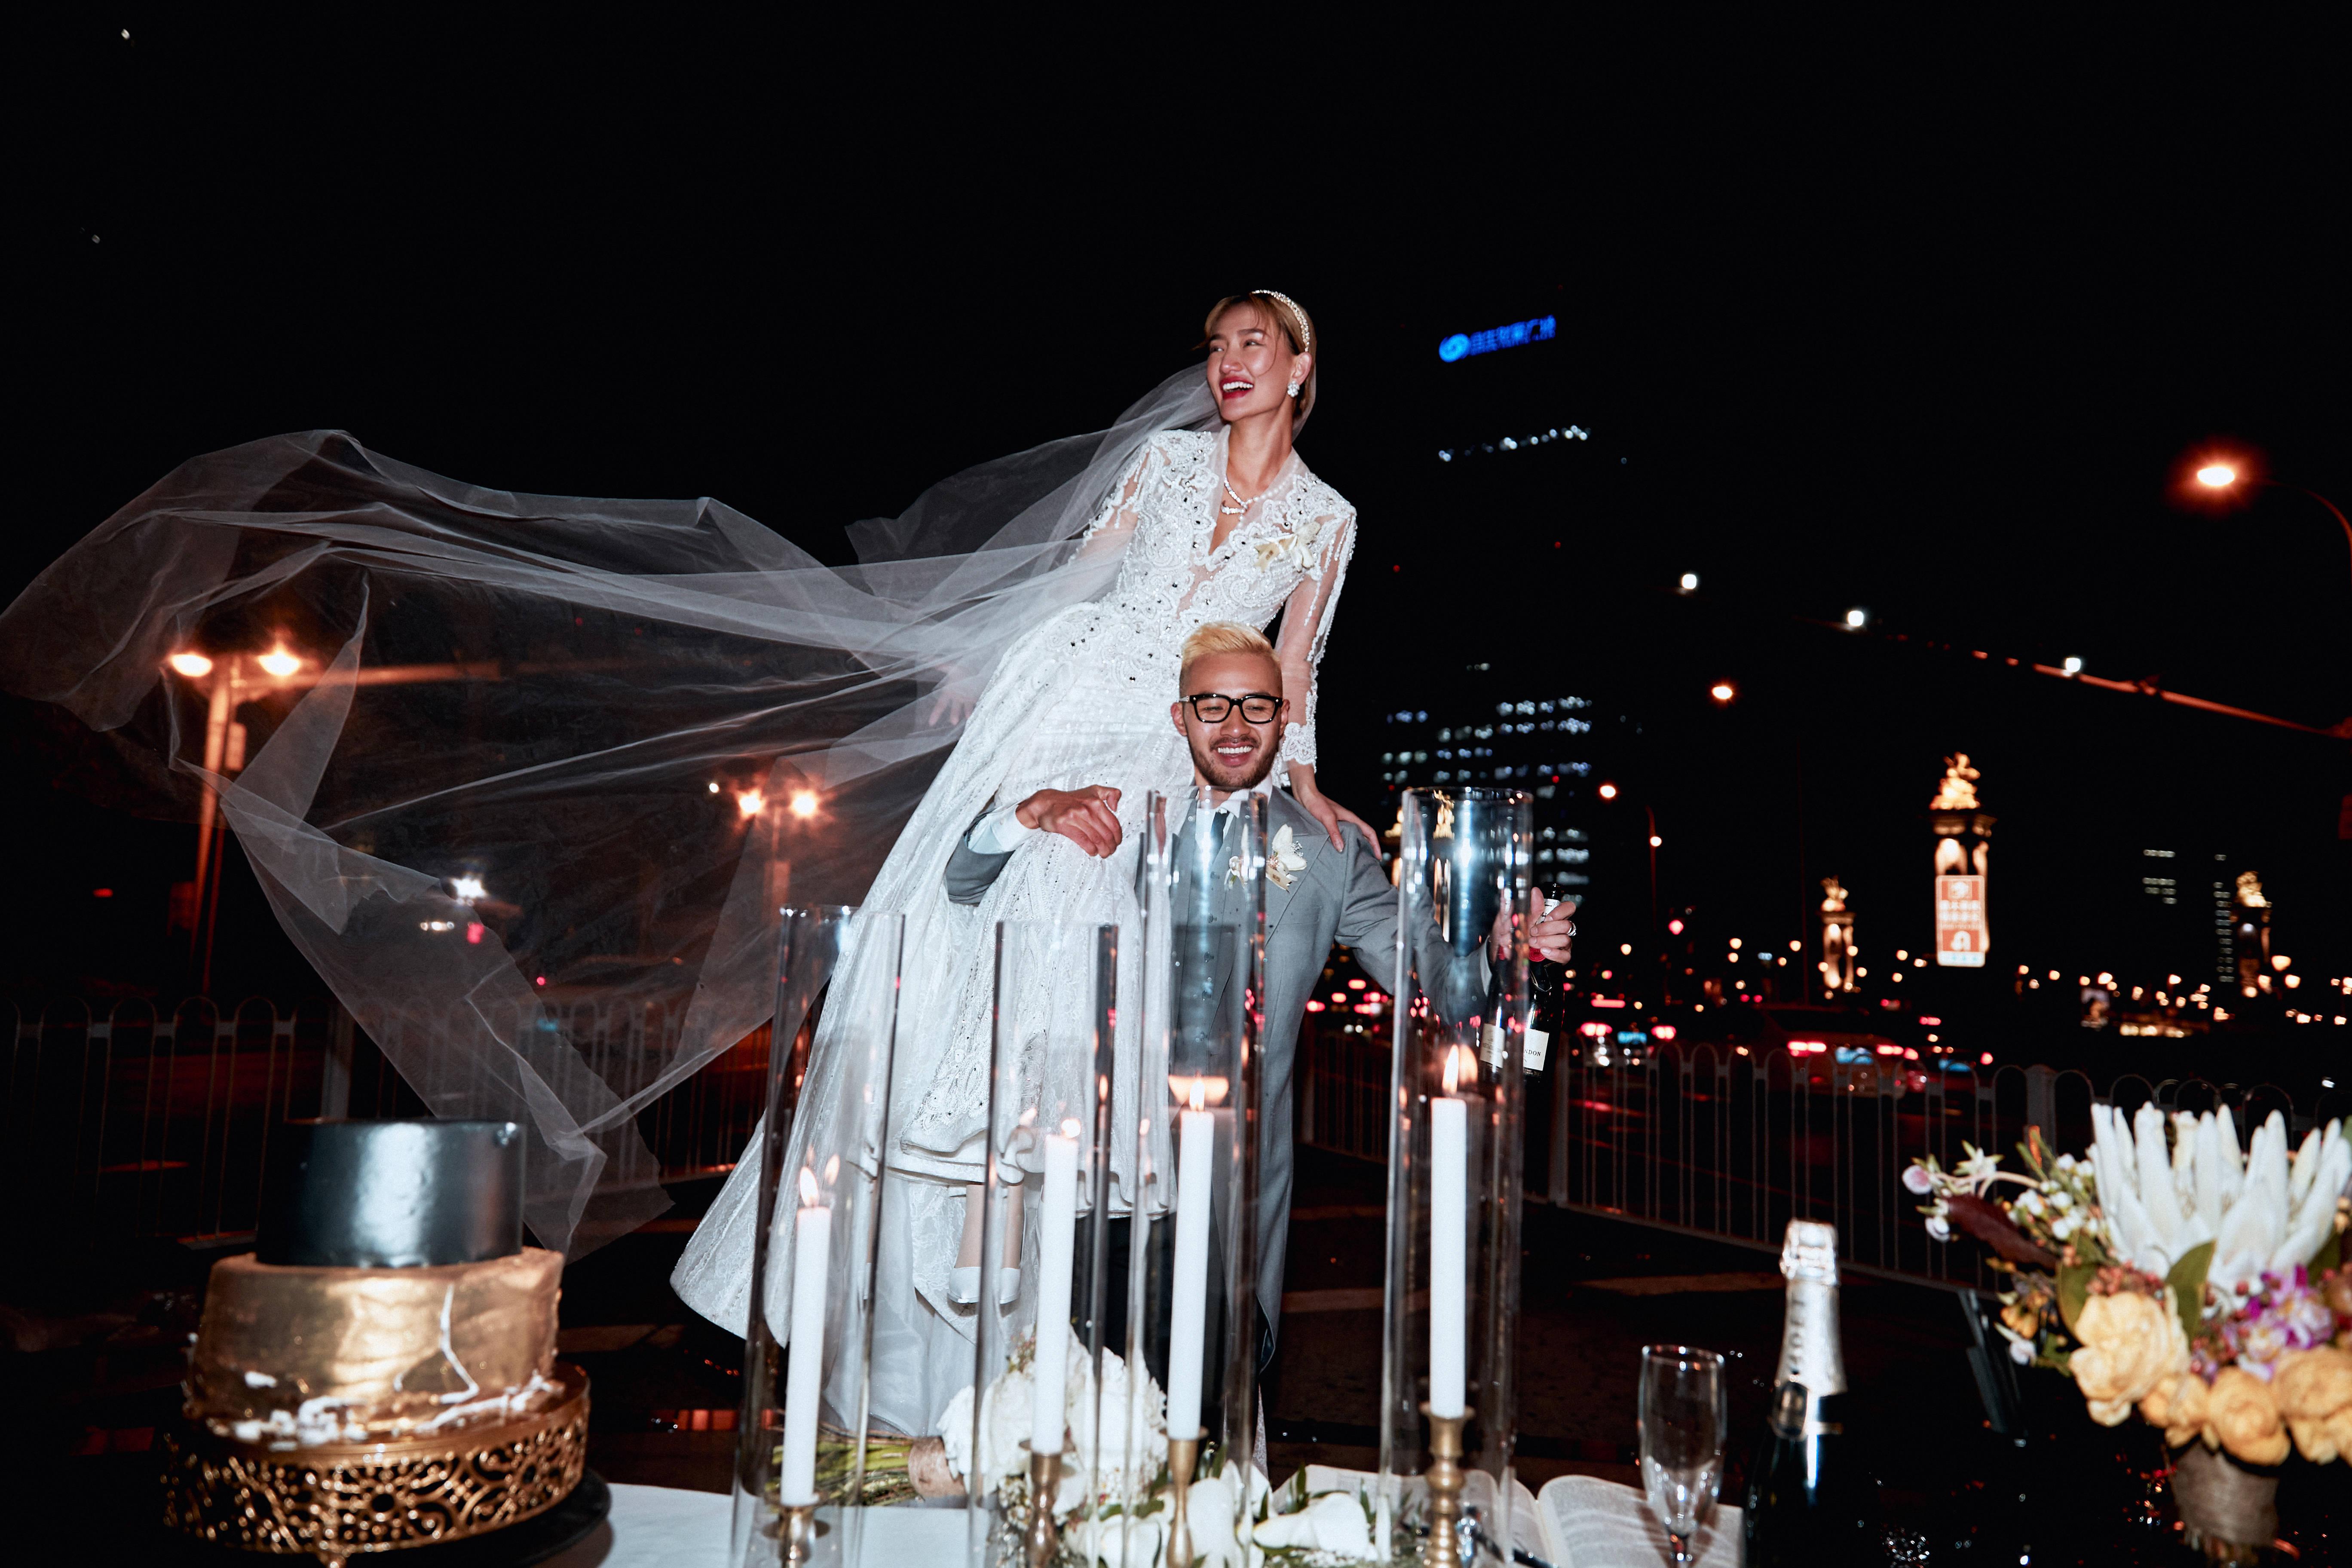 新娘百分百婚纱摄影提醒新人在婚纱照拍摄过程中最让人后悔的4件事